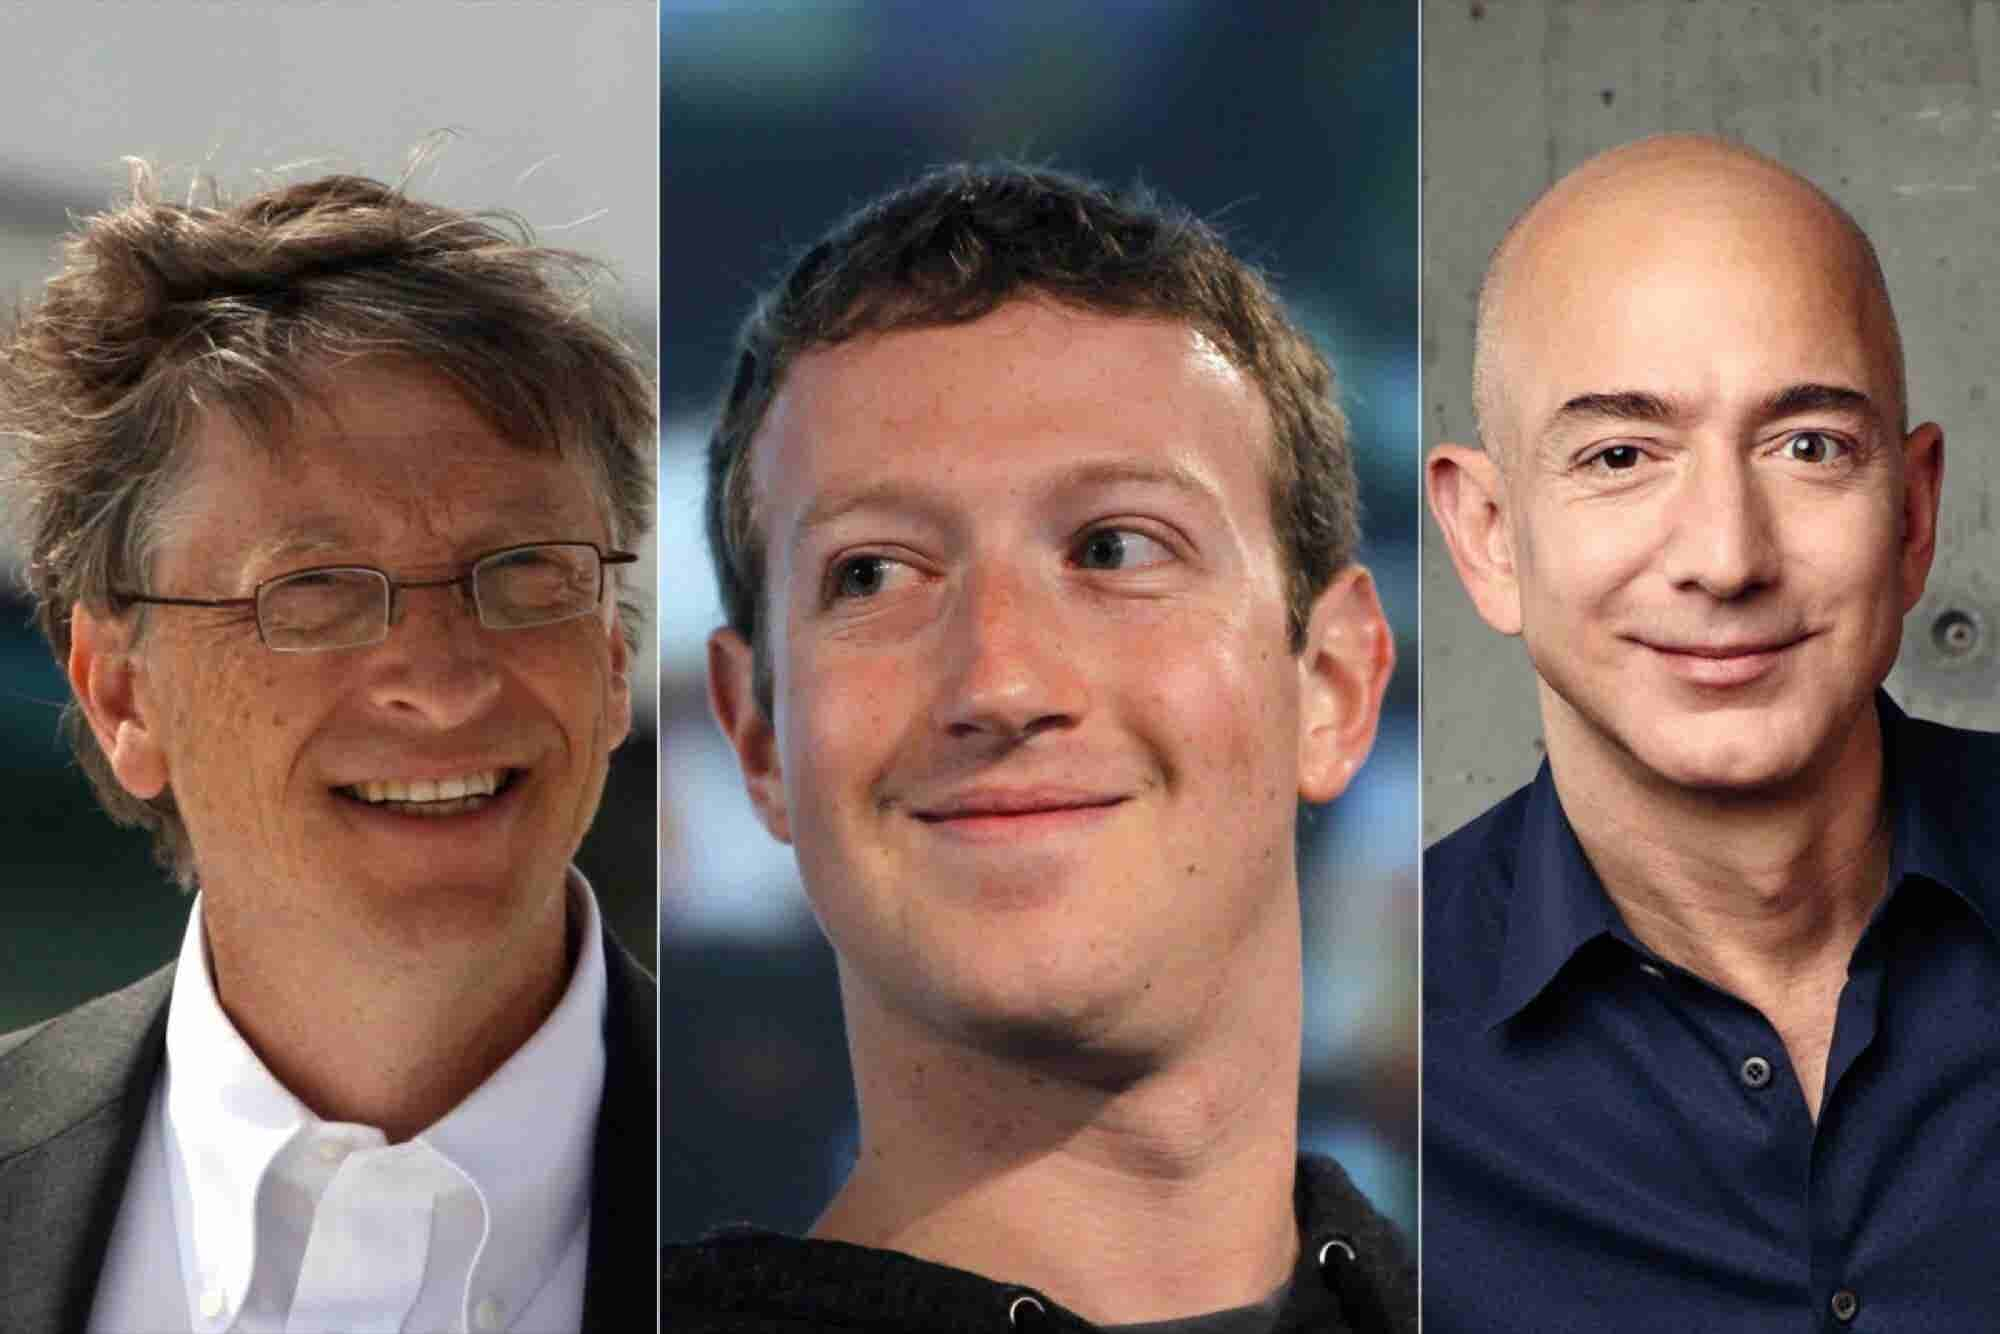 Facebook Boss Is Still Tech's Most Popular CEO